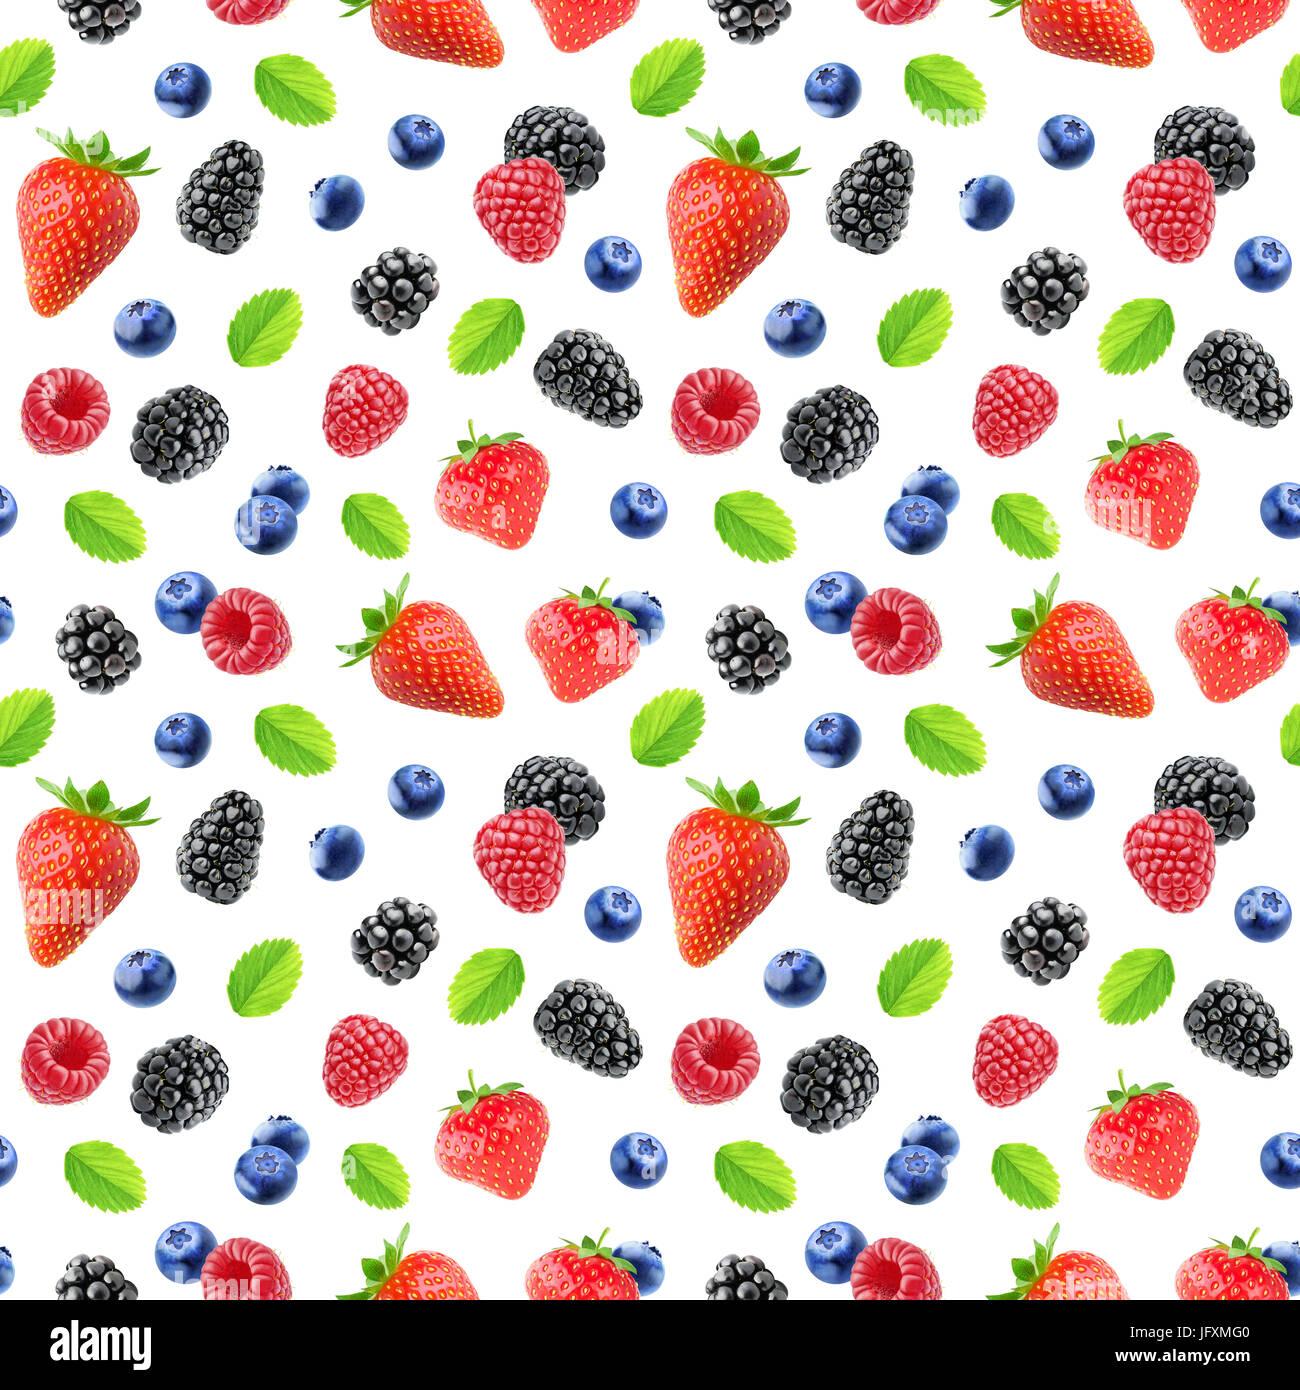 Modello di frutti di bosco. Seamless sfondo con fragola, mora, lampone e mirtillo frutta isolato su sfondo bianco Immagini Stock